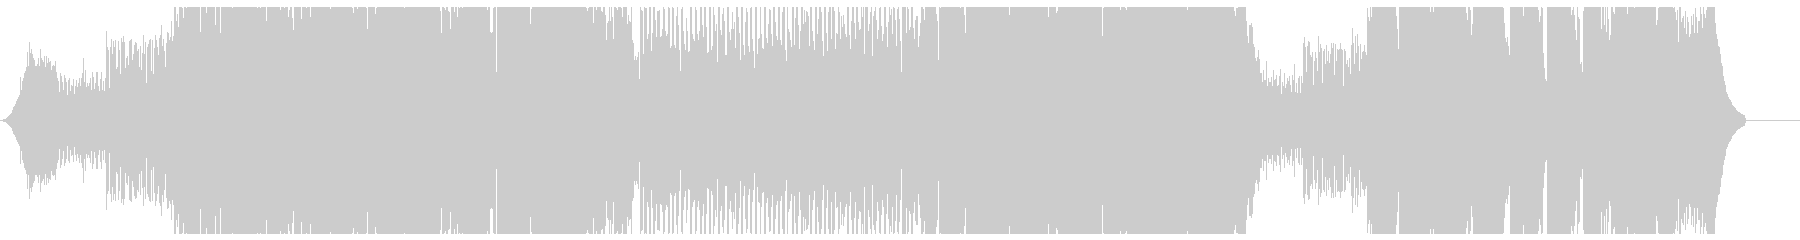 スピード感があり幻想的なEDMの未再生の波形